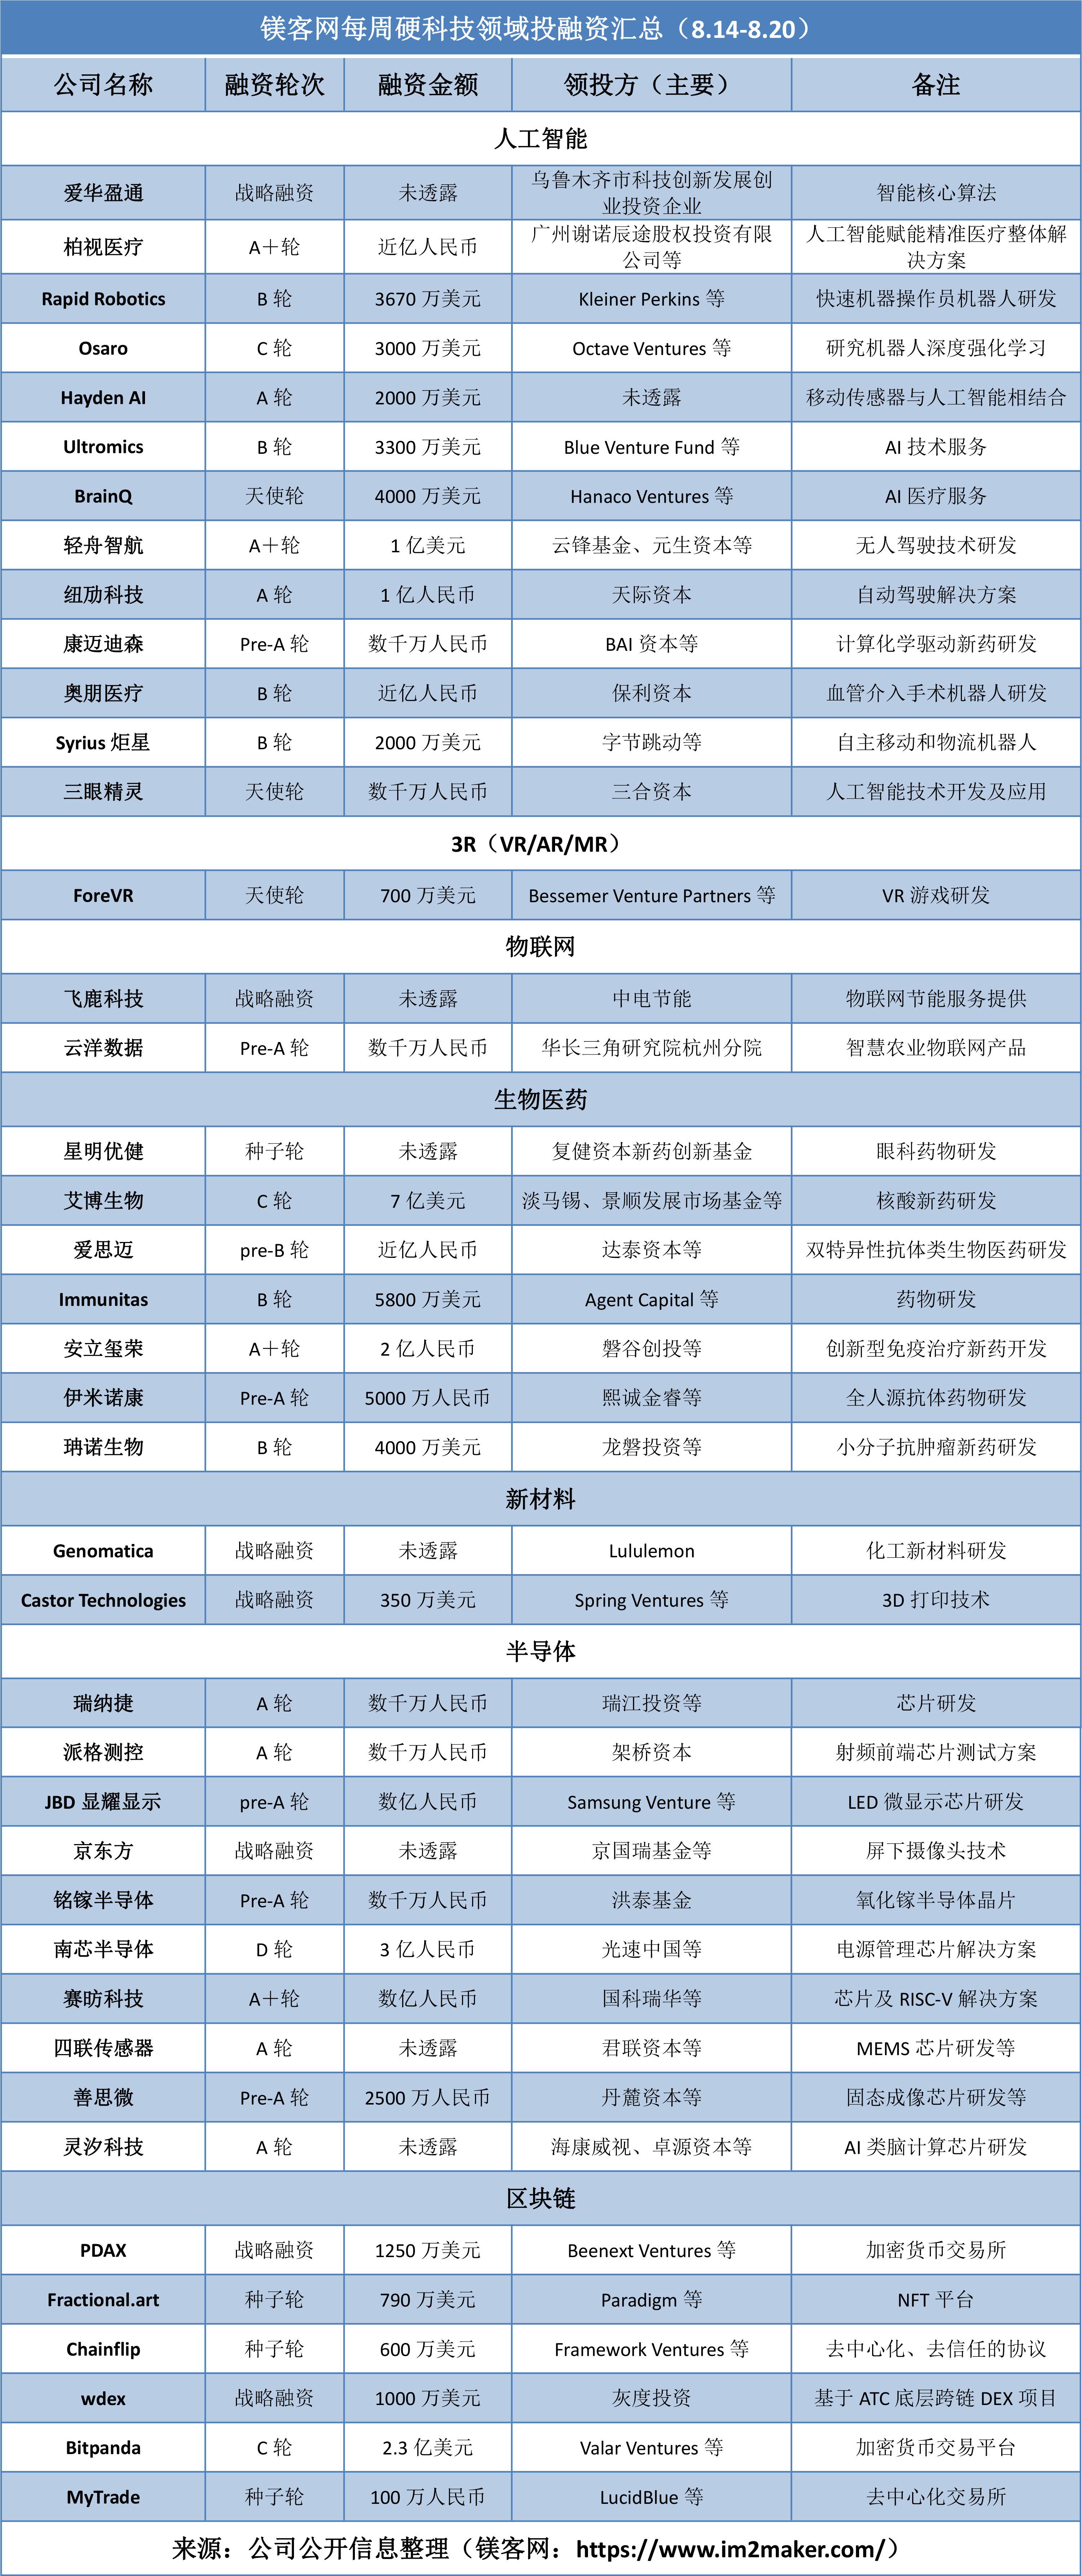 历时7个月,京东方的百亿定增结果终于出炉  镁客网每周硬科技领域投融资汇总(8.14-8.20)